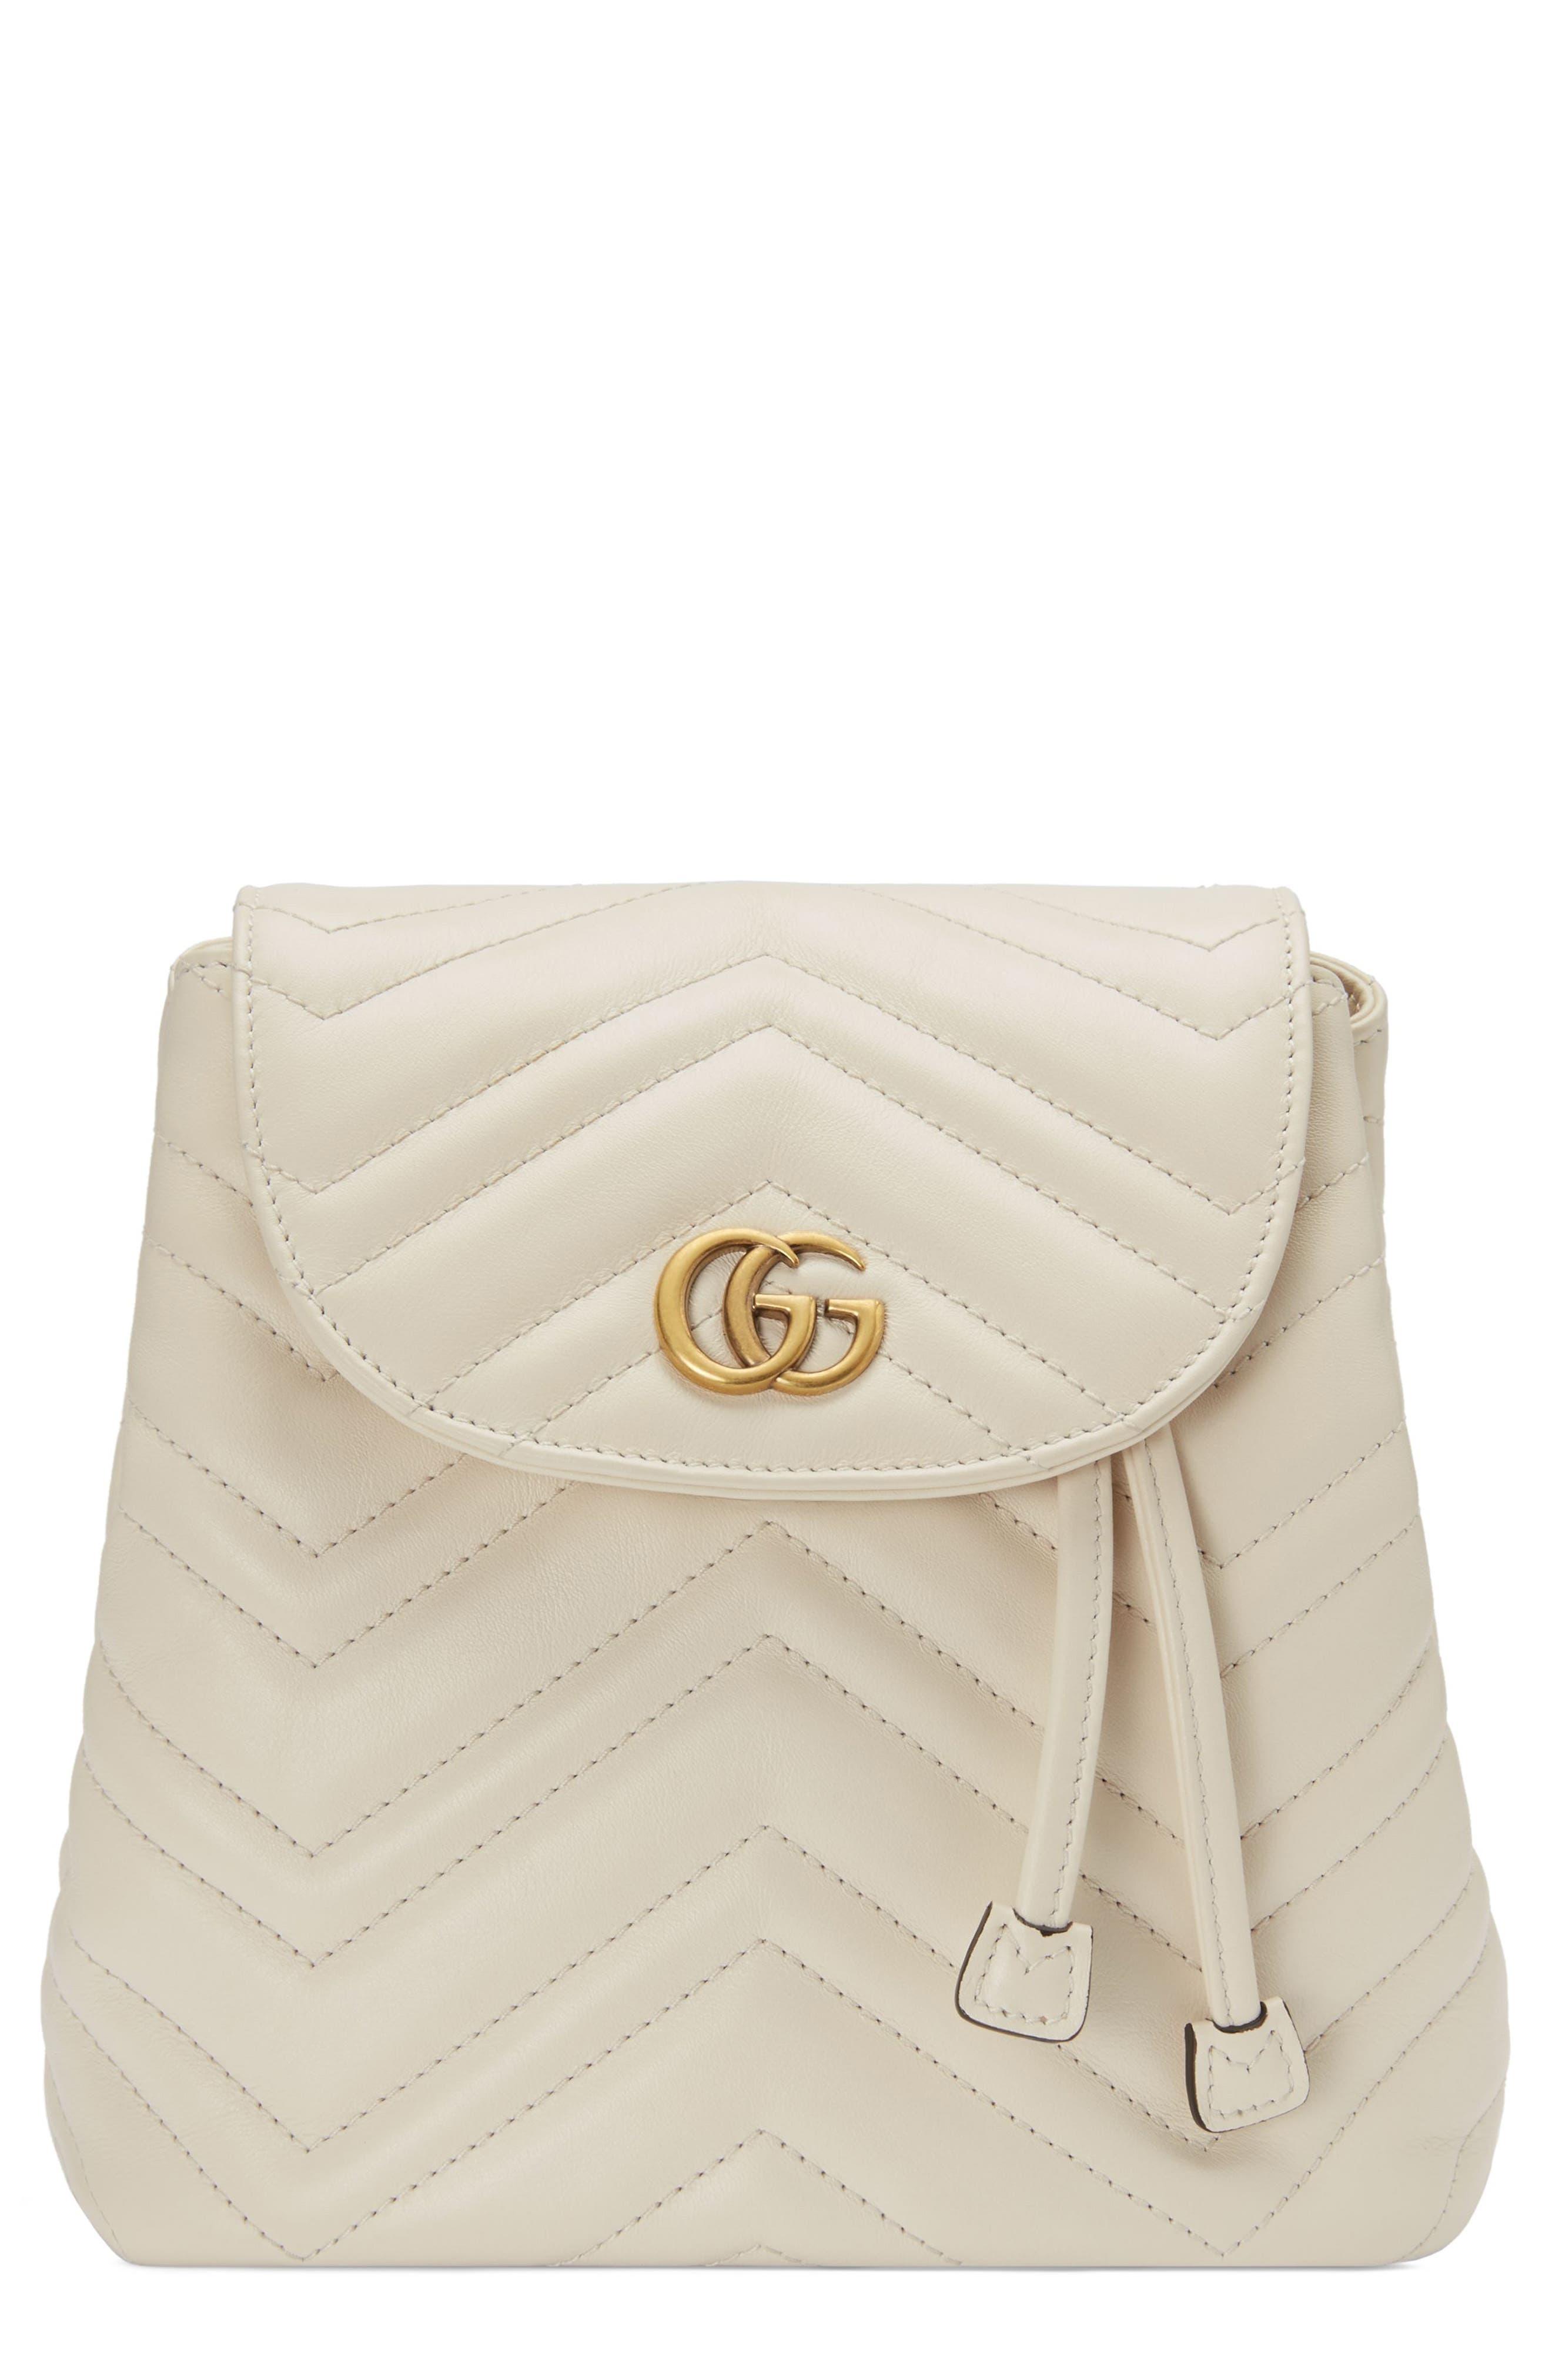 5bb82d83b58f Mini Backpack Purse Gucci – Patmo Technologies Limited